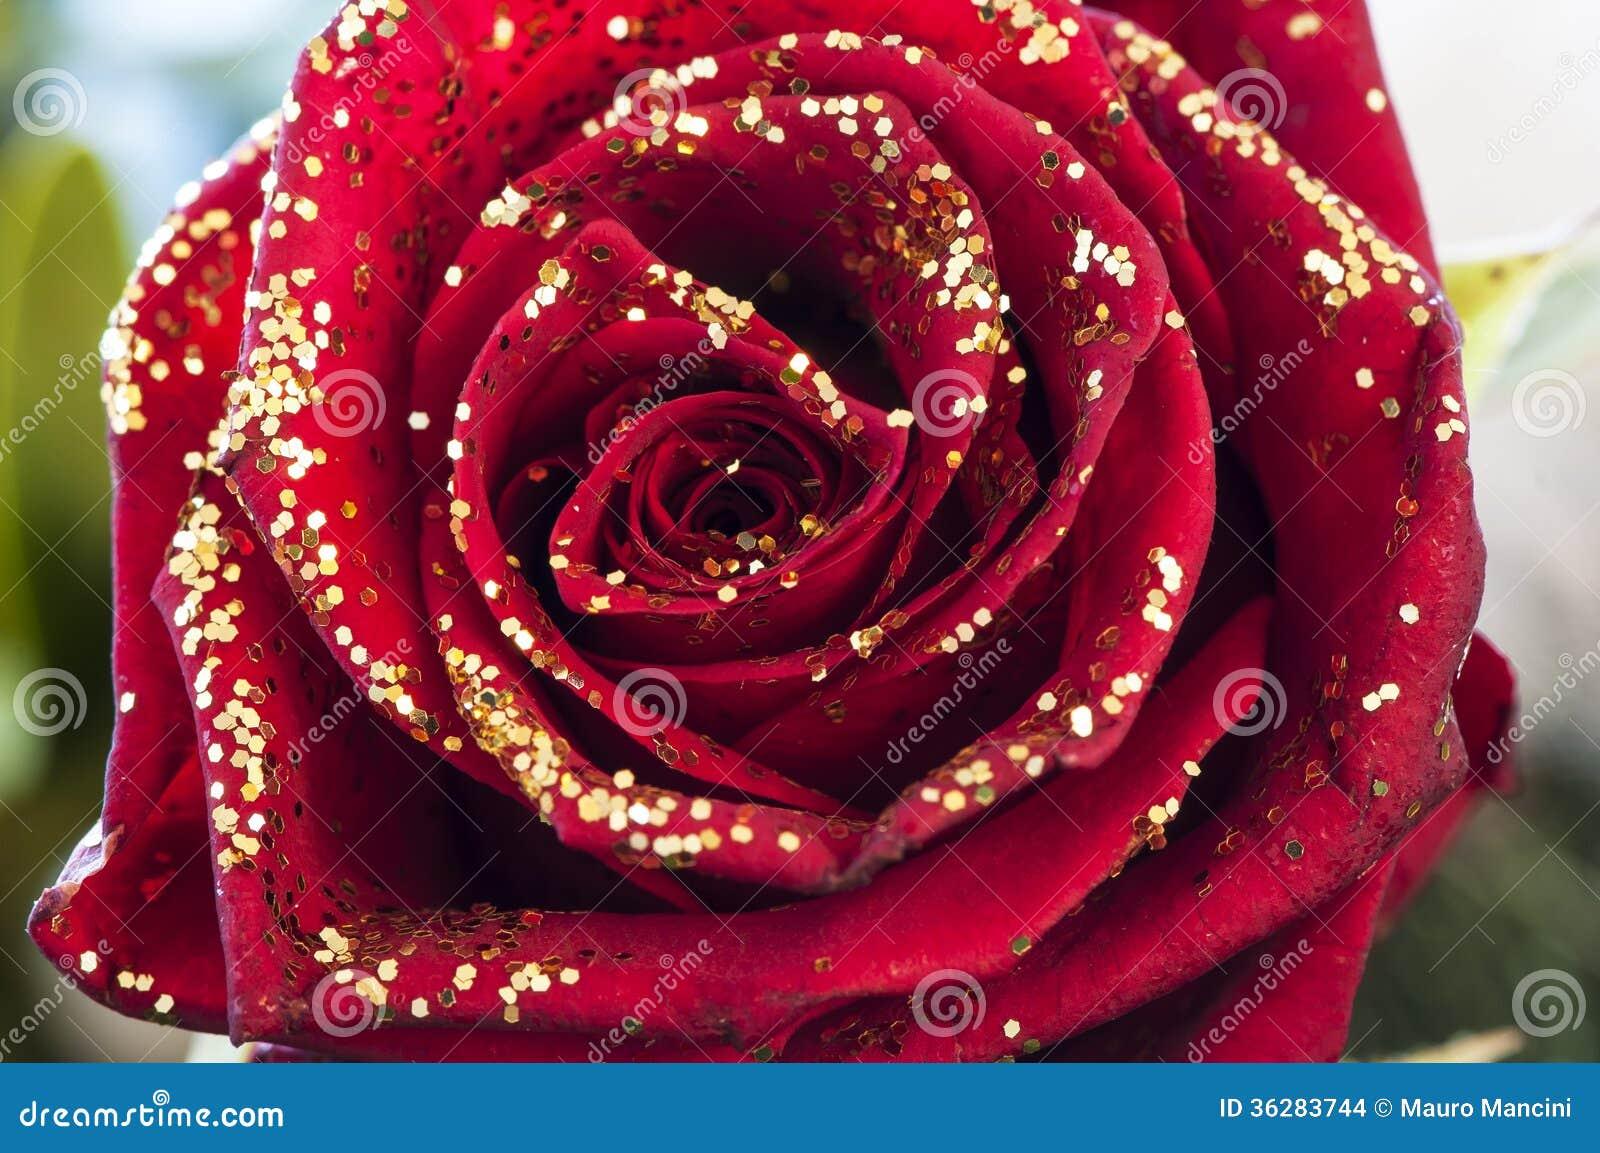 red-rose-gold-glitter-36283744.jpg